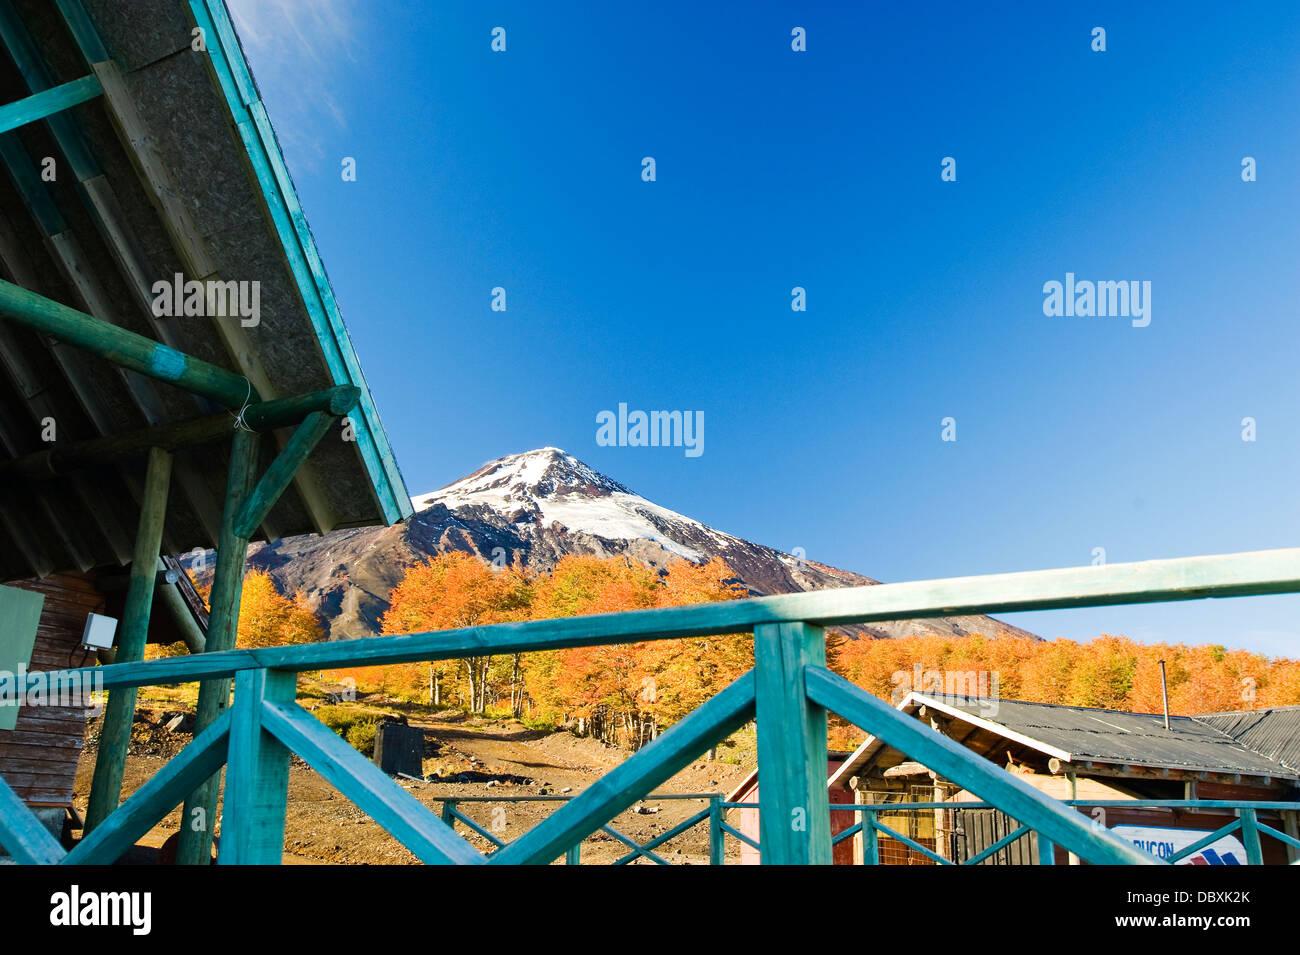 Pucon ski area, Chile - Stock Image